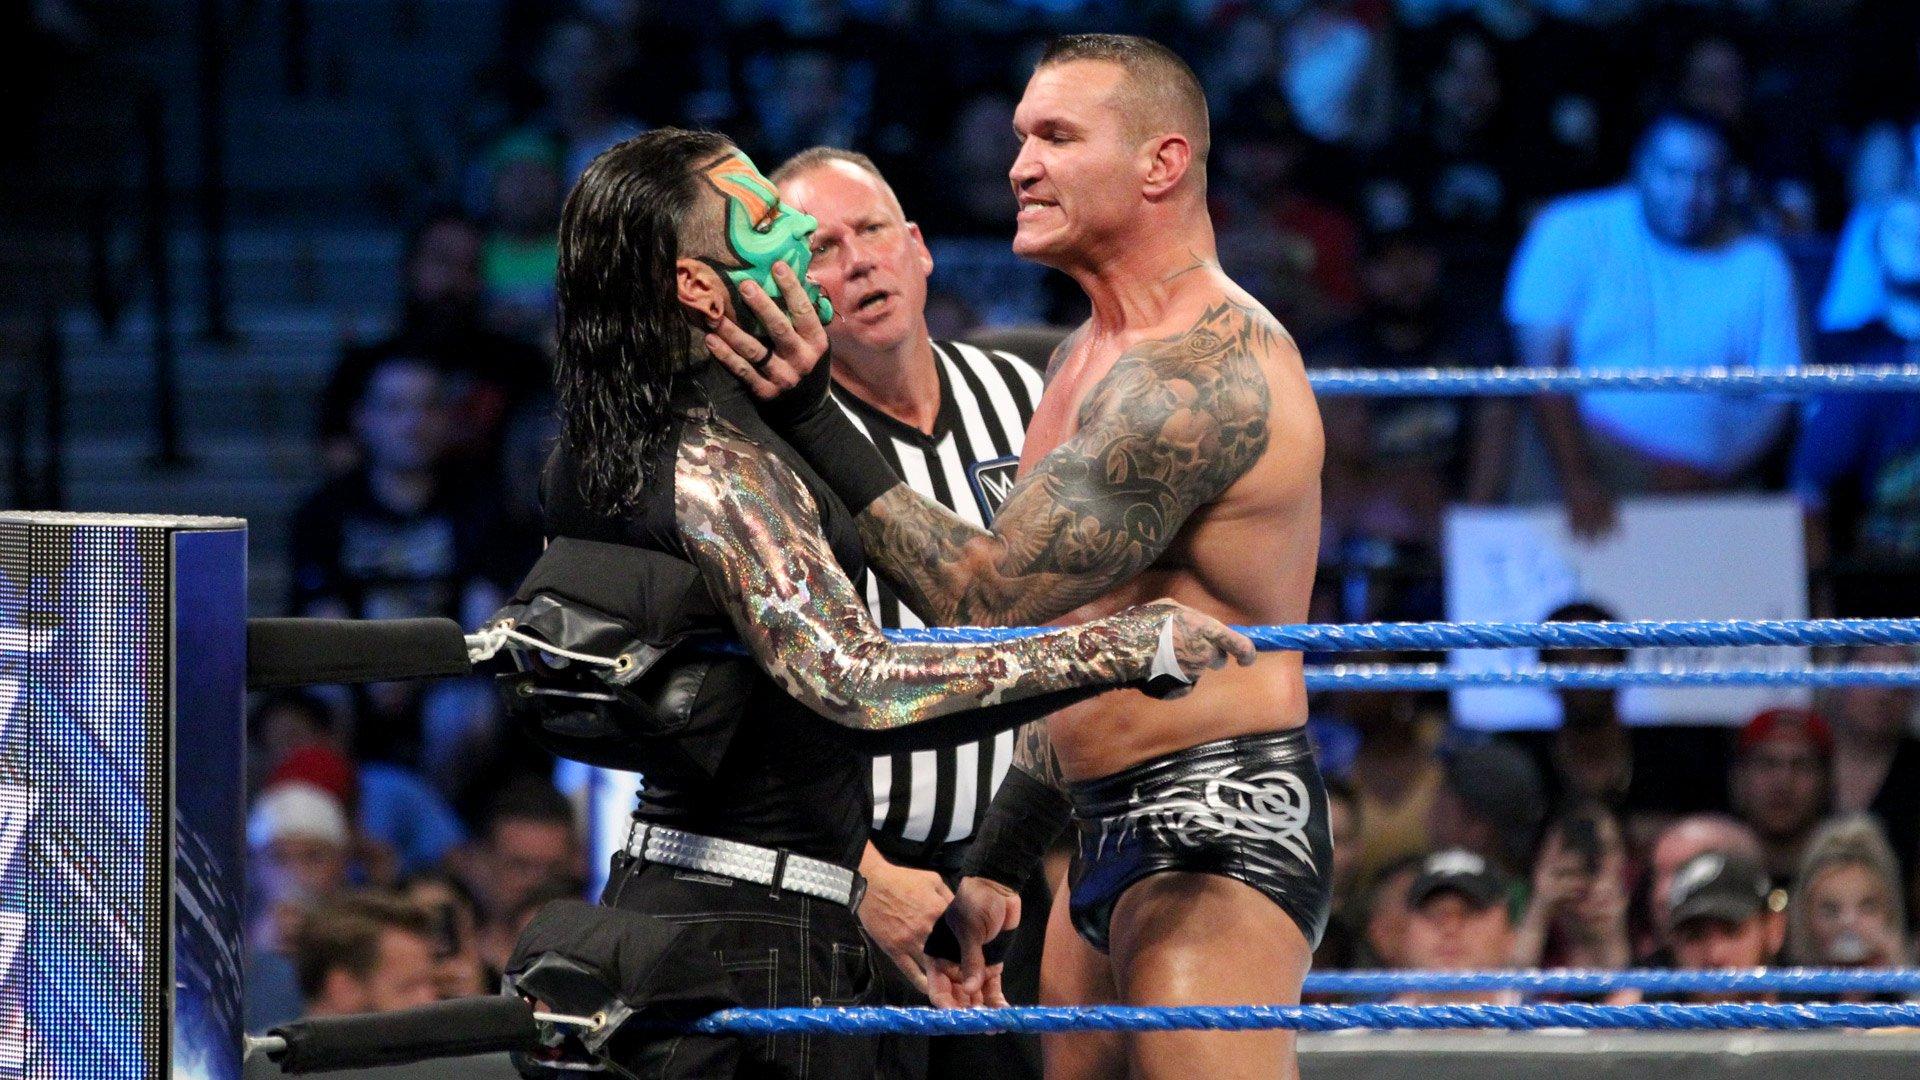 जैफ़ हार्डी और रैंडी ऑर्टन ने किया WWE वर्ल्ड कप टूर्नामेंट के लिए क्वालीफाई 62